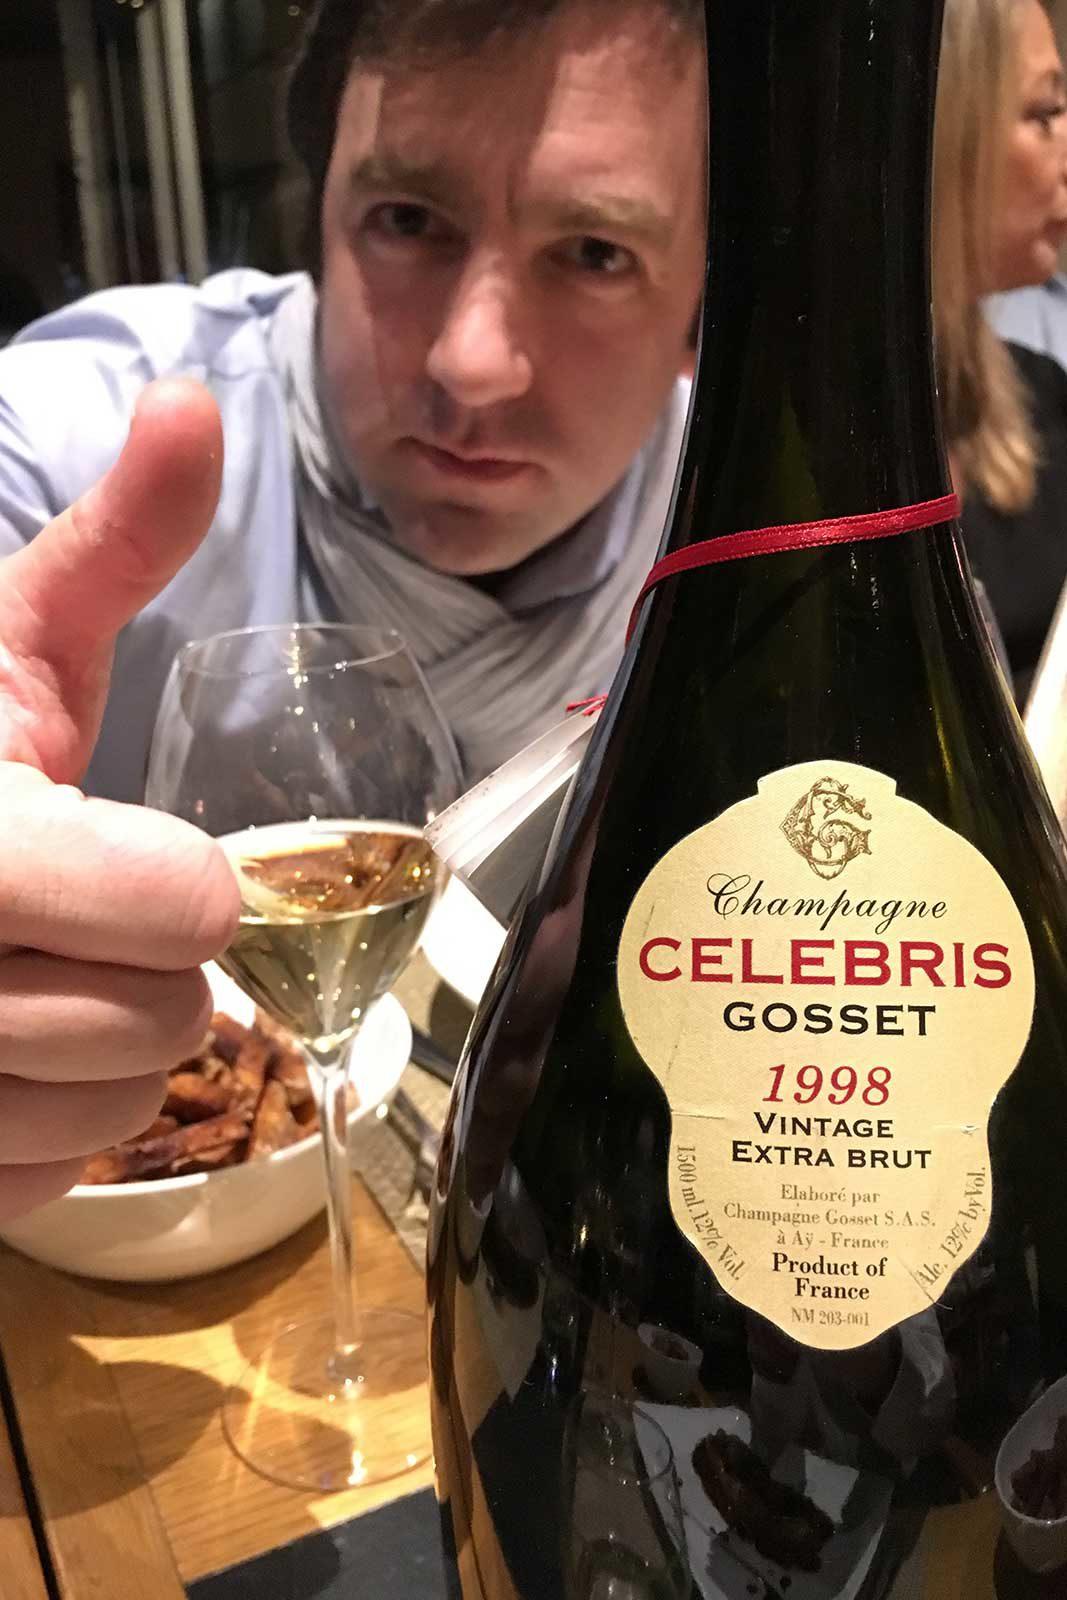 1998 Champagne Gosset Celebris Extra Brut ©Kevin Day/Opening a Bottle